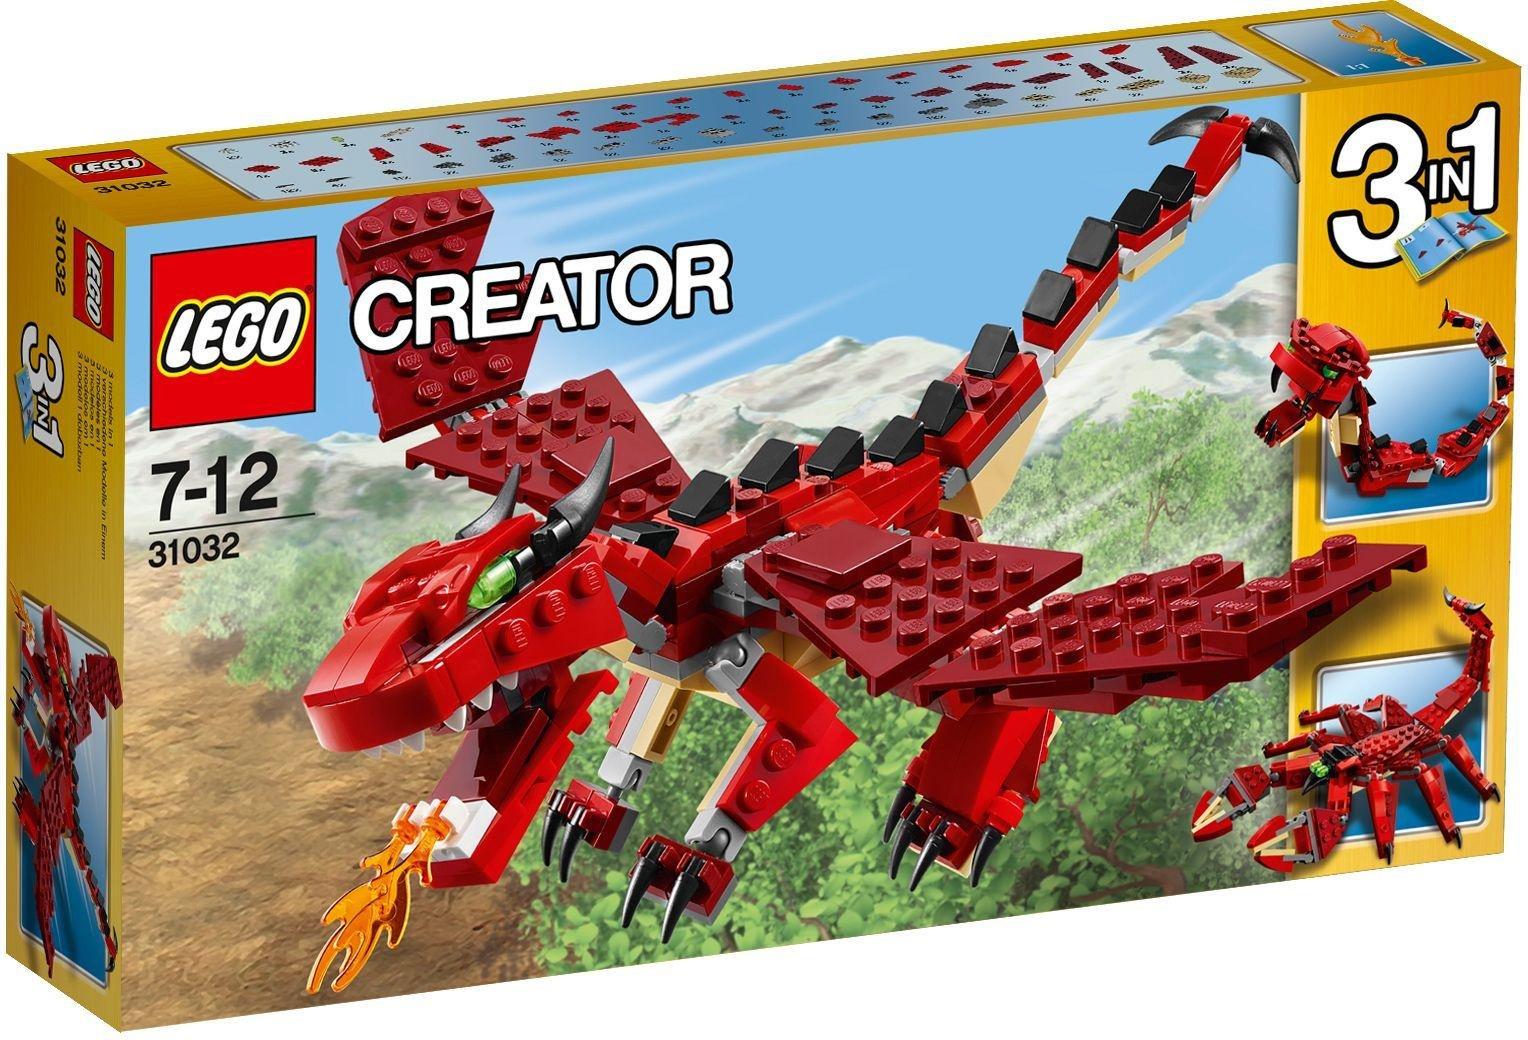 LEGO Creator Rec Creatures Toy - 31032